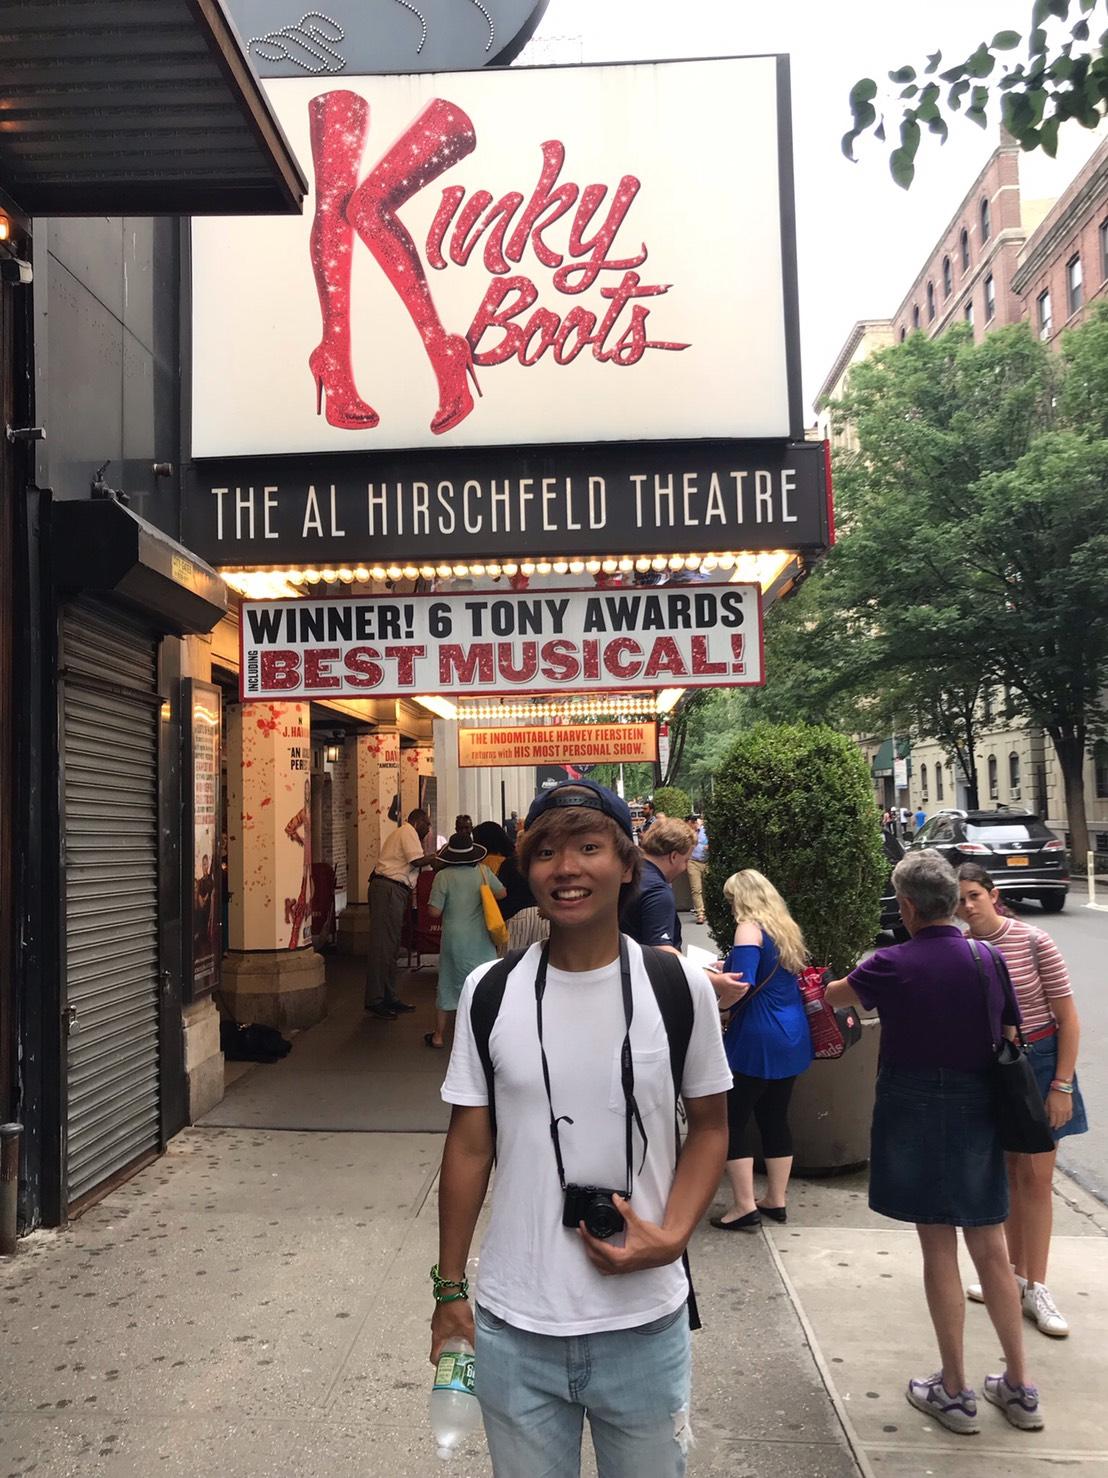 アメリカ横断中にNYに行った写真 ブロードウェイミュージカルでキンキーブーツを見たときの写真